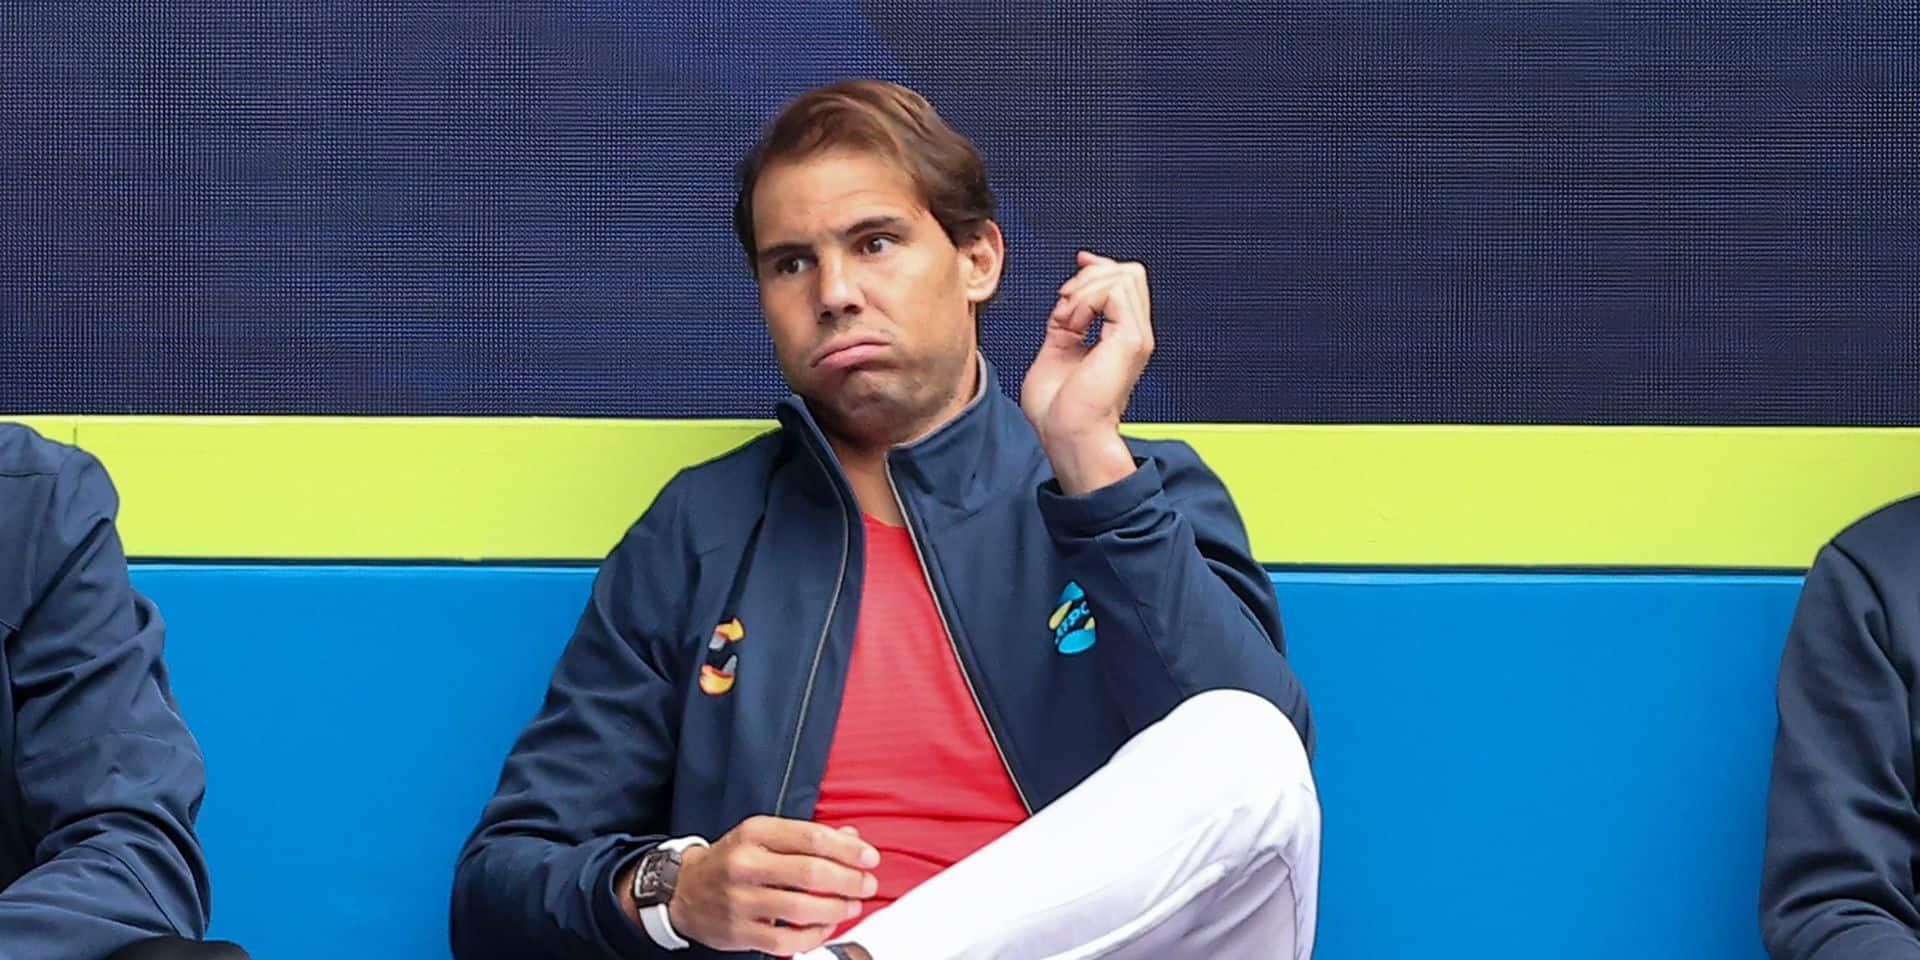 Faut-il s'inquiéter pour Nadal à l'aube de l'Australian Open ?